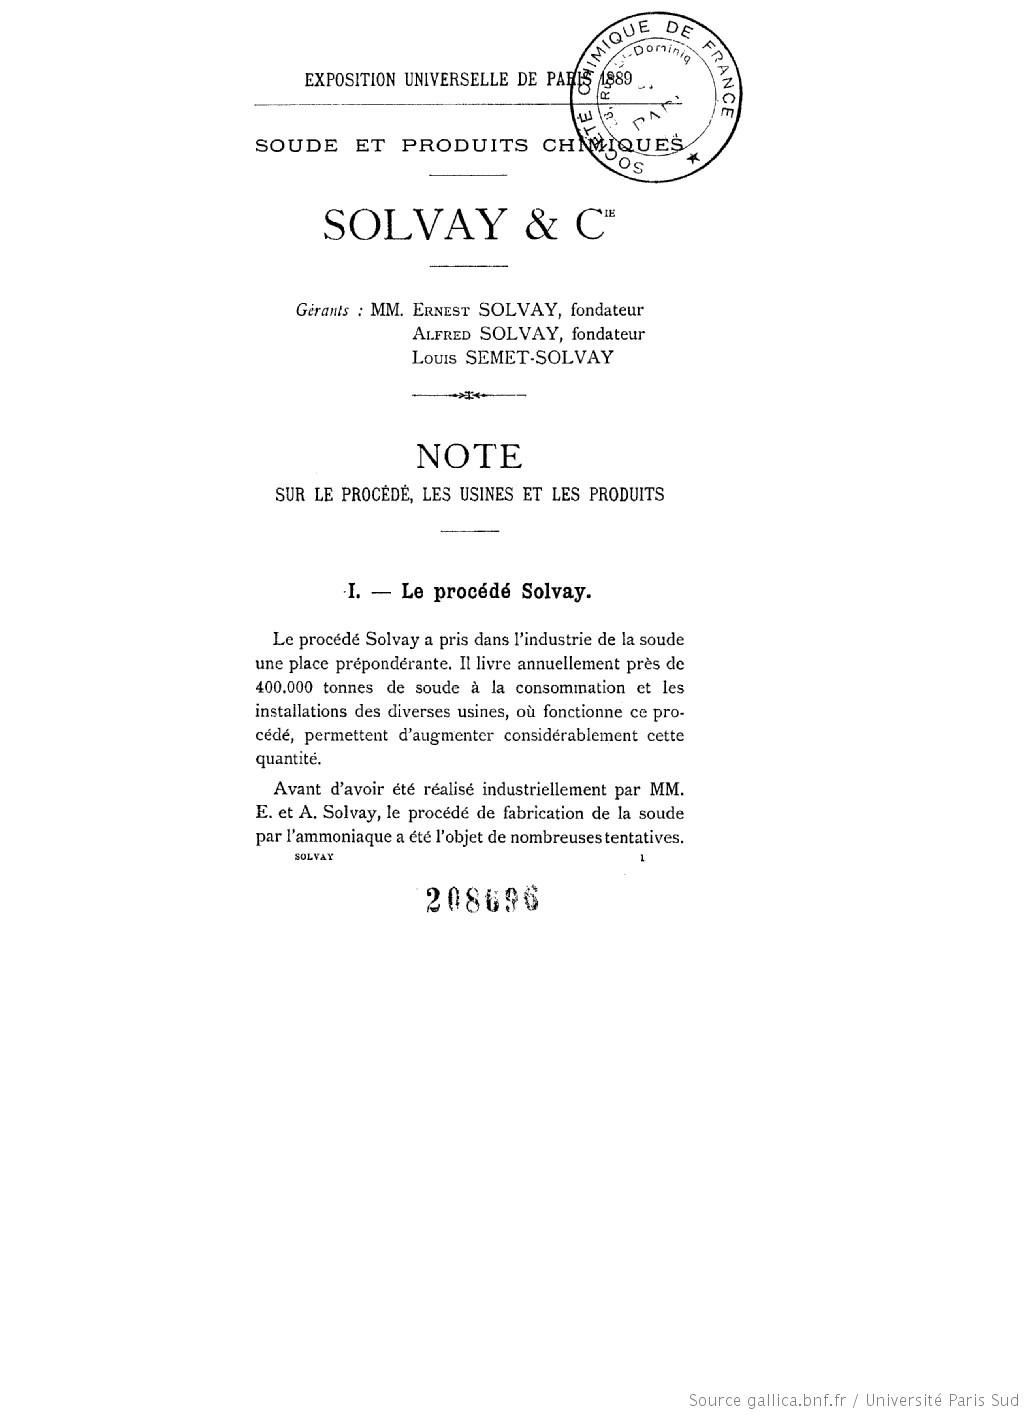 Soude et produits chimiques : exposition universelle tenue à Paris en 1889